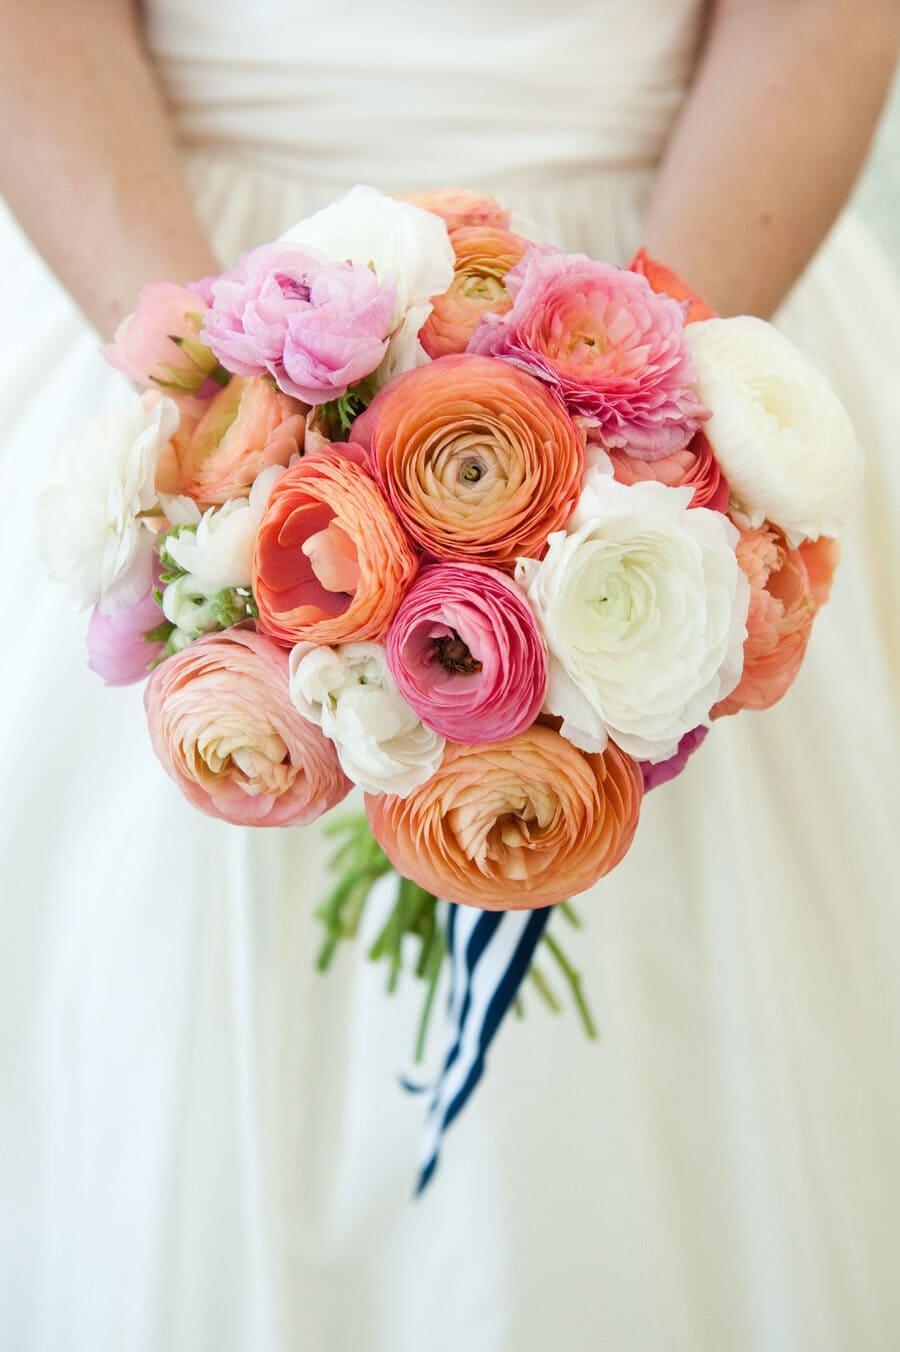 Ý nghĩa của hoa cưới hoa mao lương